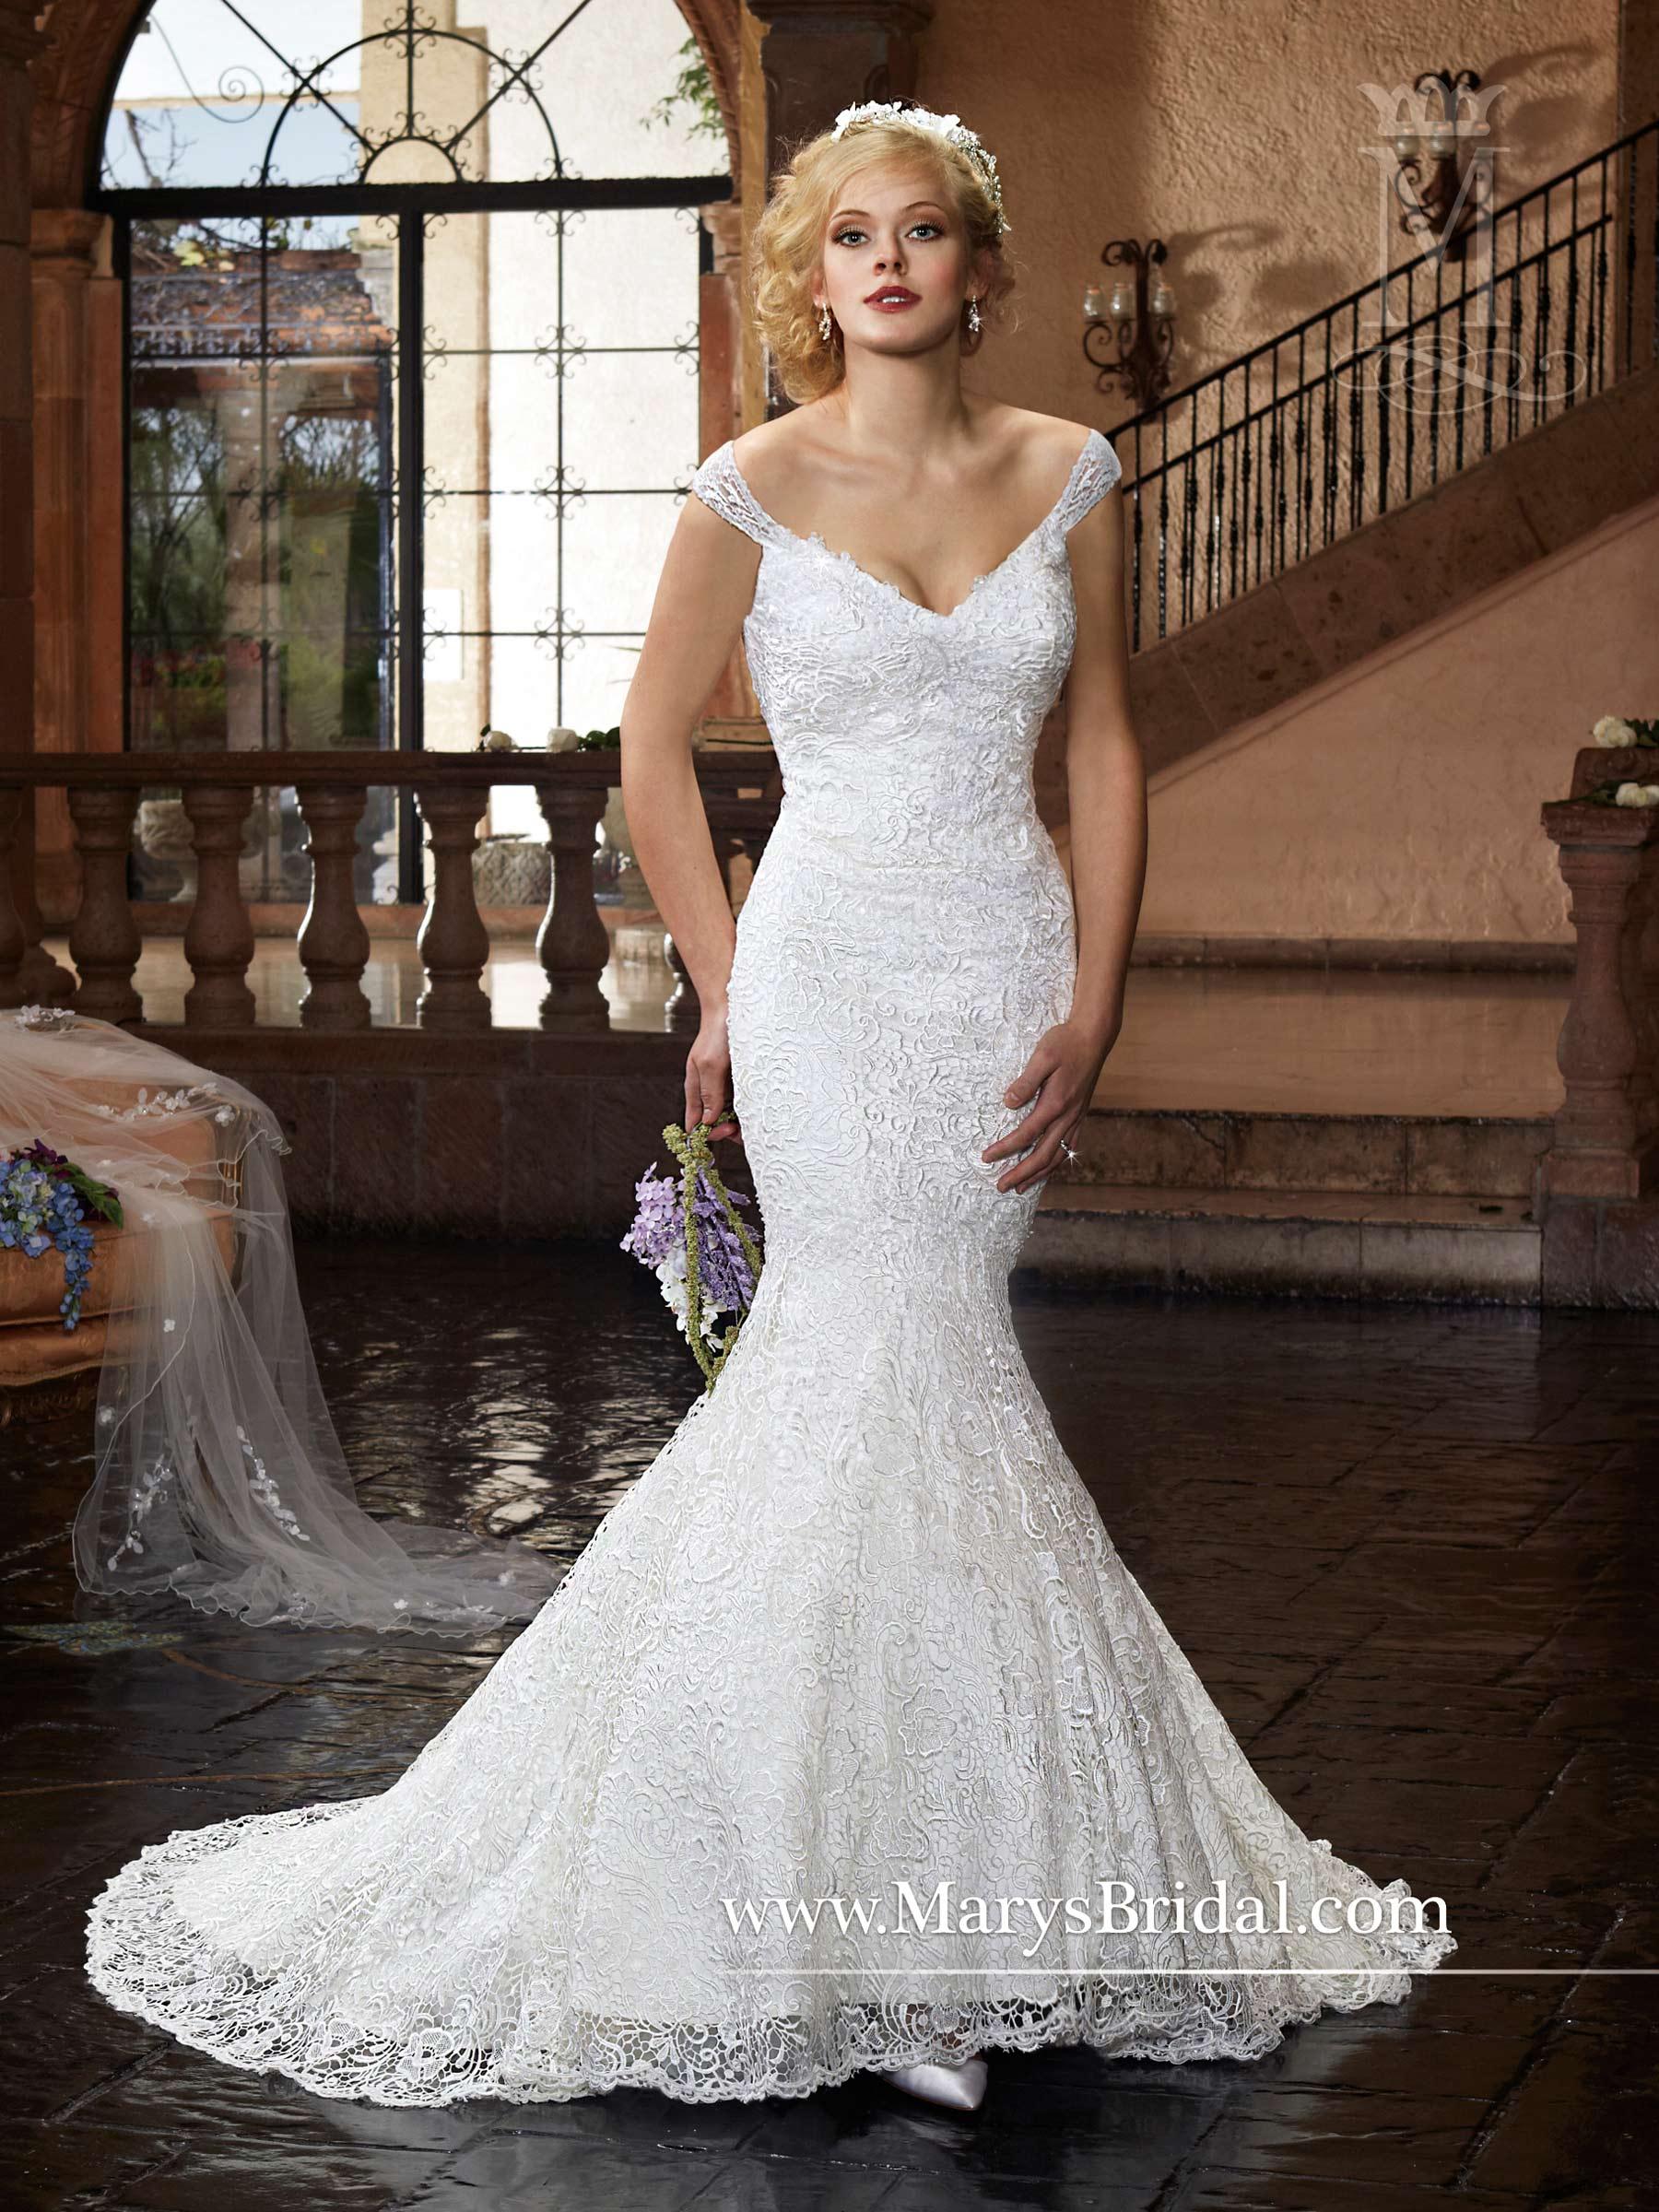 6363-marys bridal